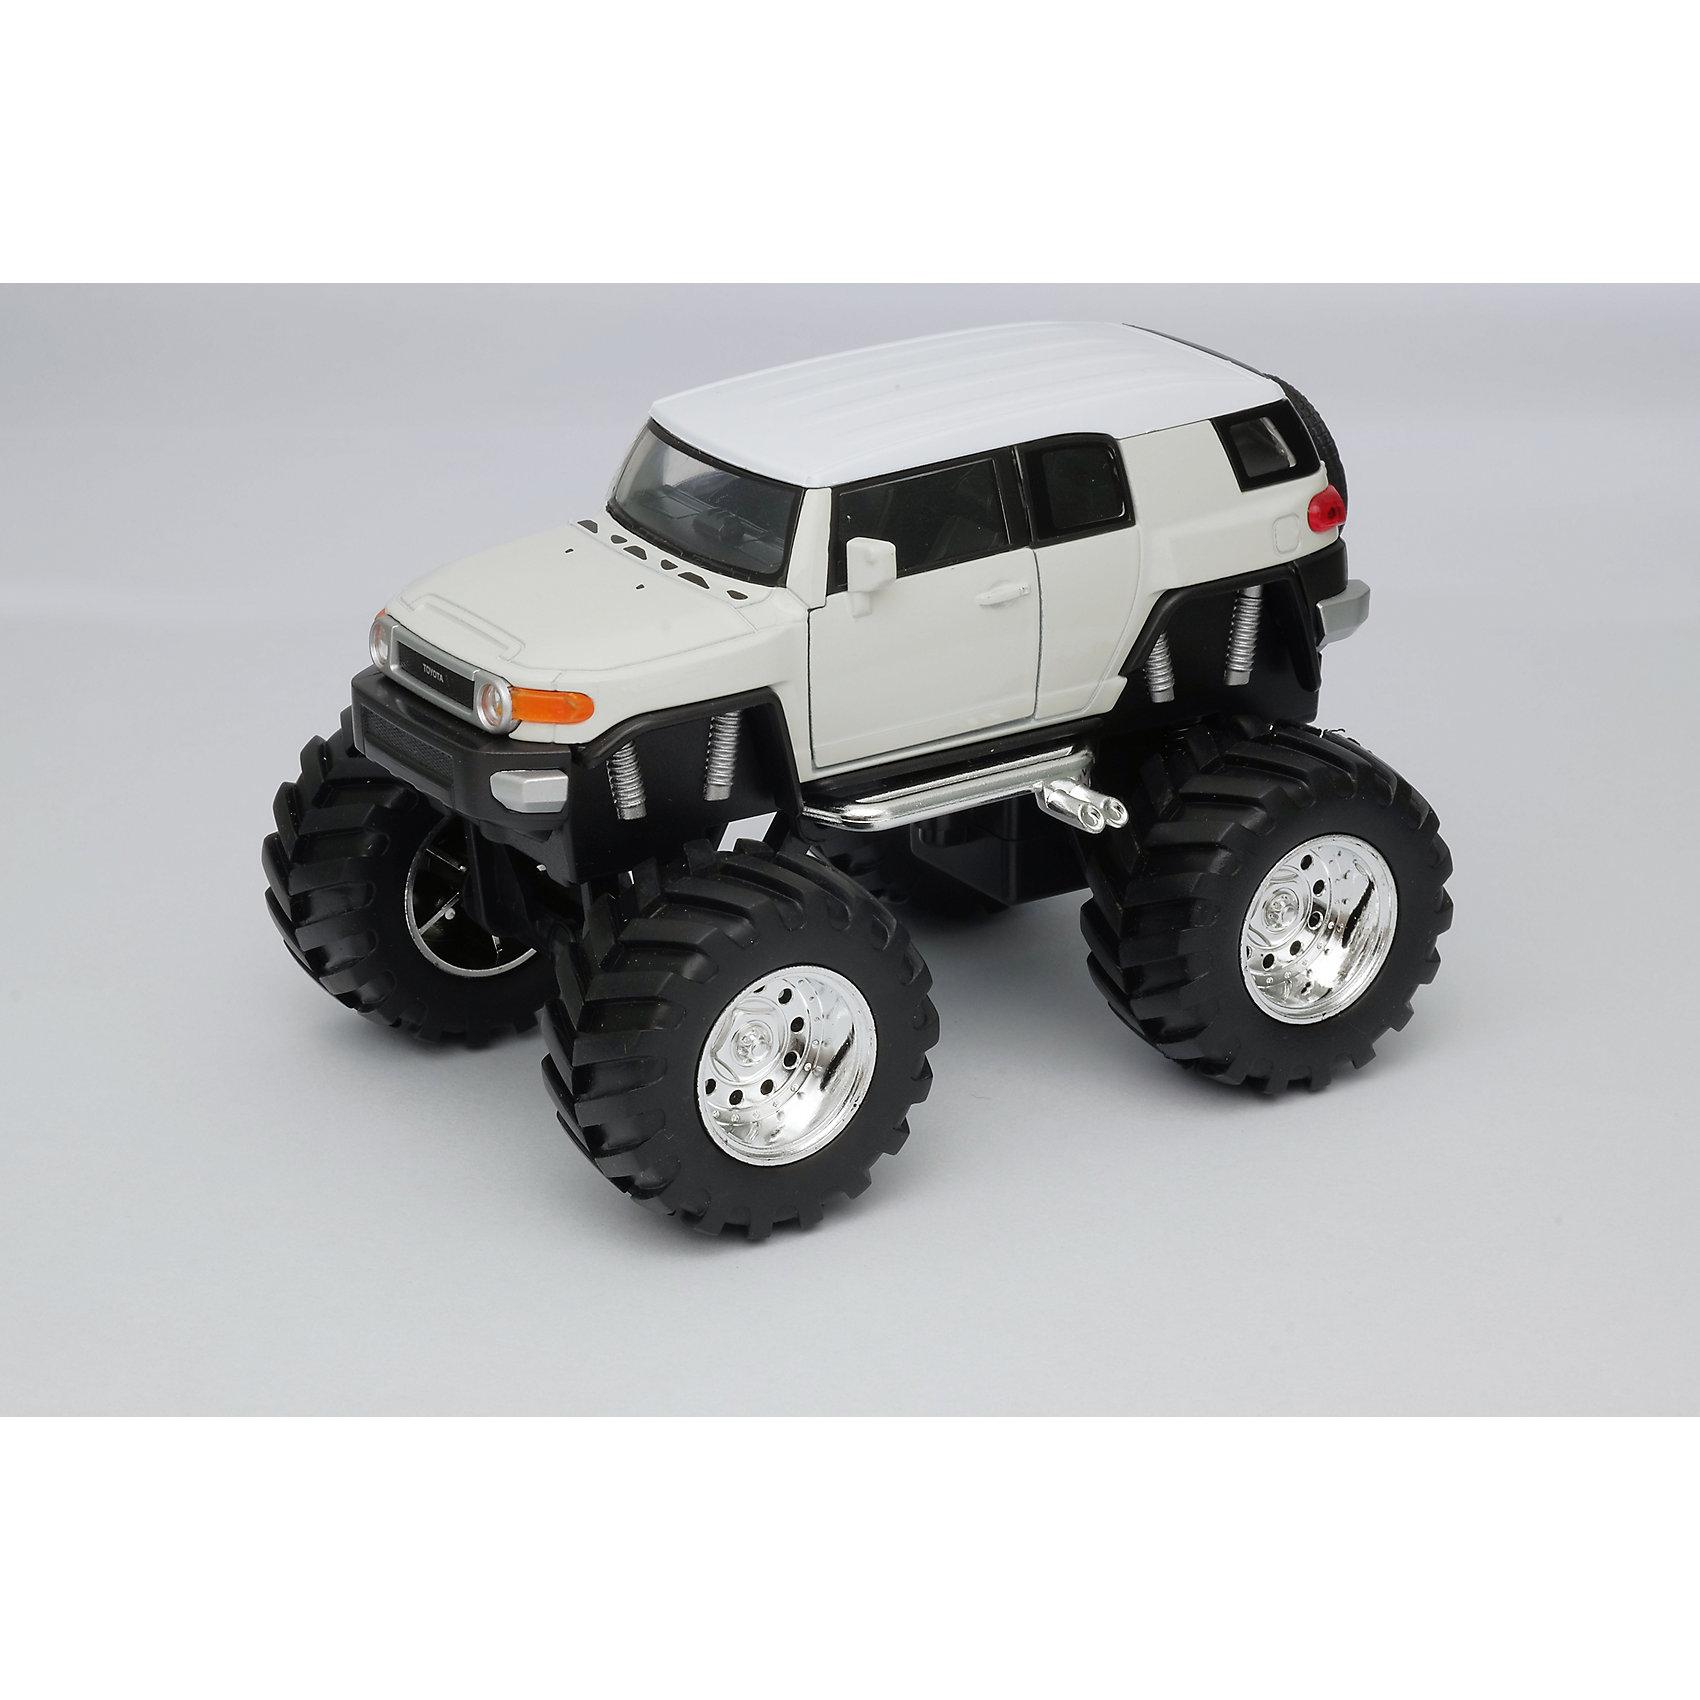 Модель машины 1:34-39 Toyota FJ Cruiser Big Wheel, белая, WellyХарактеристики:<br><br>• тип автомобиля: внедорожник;<br>• открываются двери;<br>• прорезиненные колеса;<br>• инерционный механизм;<br>• масштаб: 1:34-39;<br>• материал: металл, пластик;<br>• размер упаковки: 15х11х6 см.<br><br>Устроить настоящие гонки на внедорожниках помогут машинки Toyota FJ Cruiser Big Wheel. Мощные колеса, инерционный механизм, прочный корпус машинки дают возможность проводить соревнования снова и снова, машинки не бьются и не разбиваются. <br><br>Модель машины 1:34-39 Toyota FJ Cruiser Big Wheel, белая, Welly можно купить в нашем магазине.<br><br>Ширина мм: 155<br>Глубина мм: 95<br>Высота мм: 100<br>Вес г: 288<br>Возраст от месяцев: 36<br>Возраст до месяцев: 2147483647<br>Пол: Мужской<br>Возраст: Детский<br>SKU: 5255009